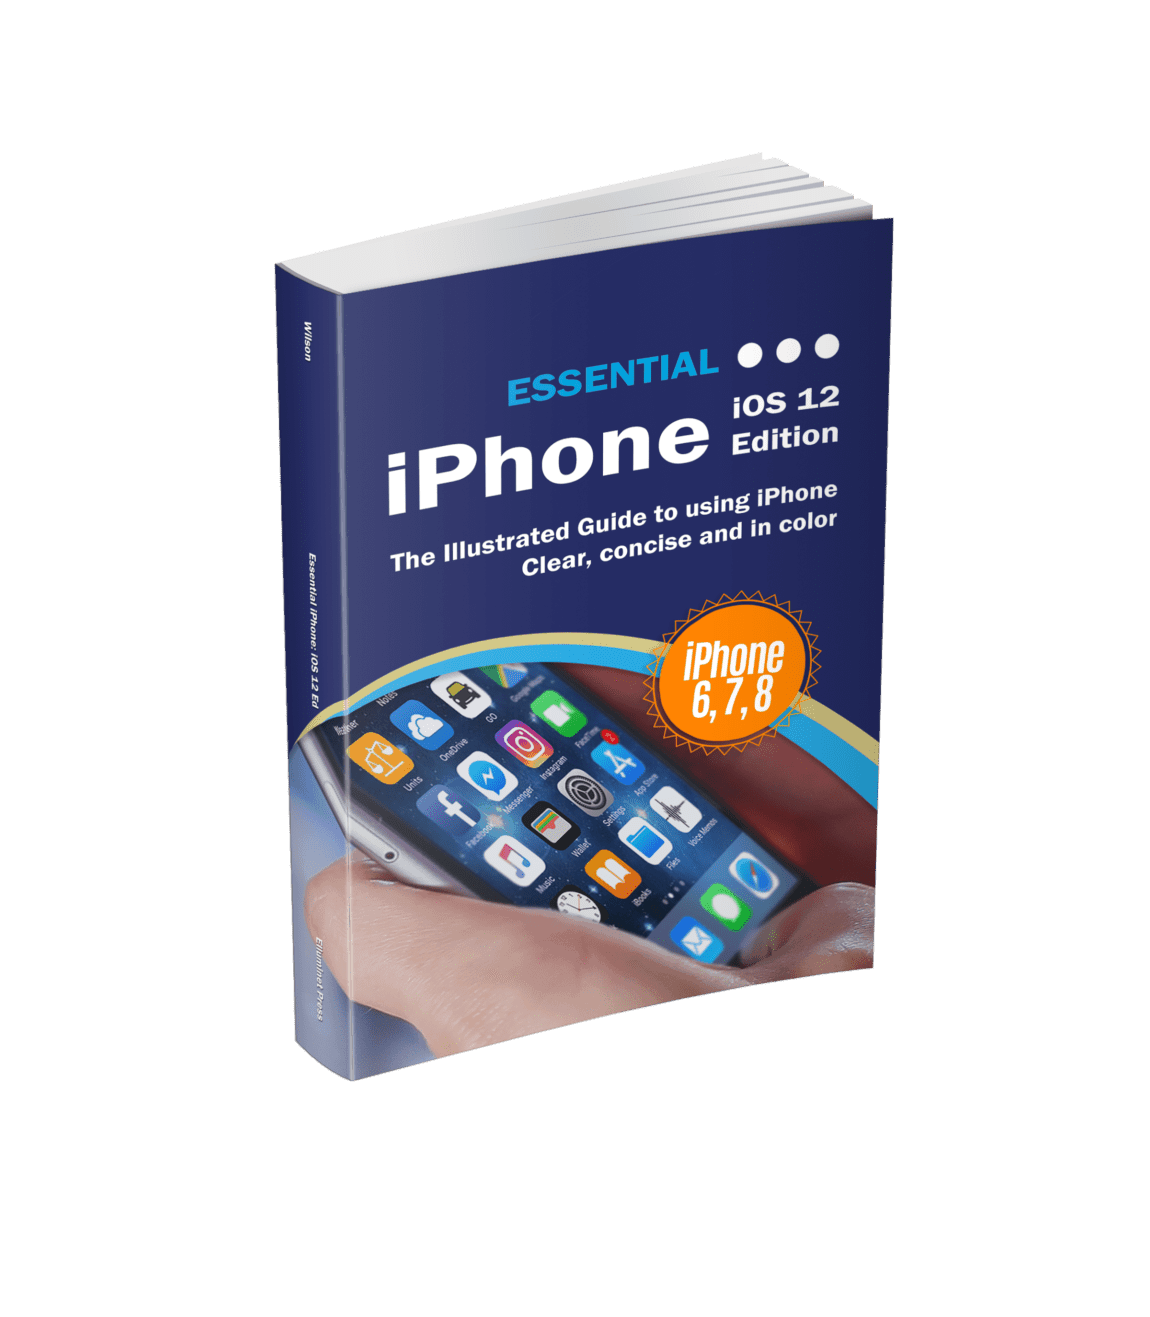 iphonebook.png